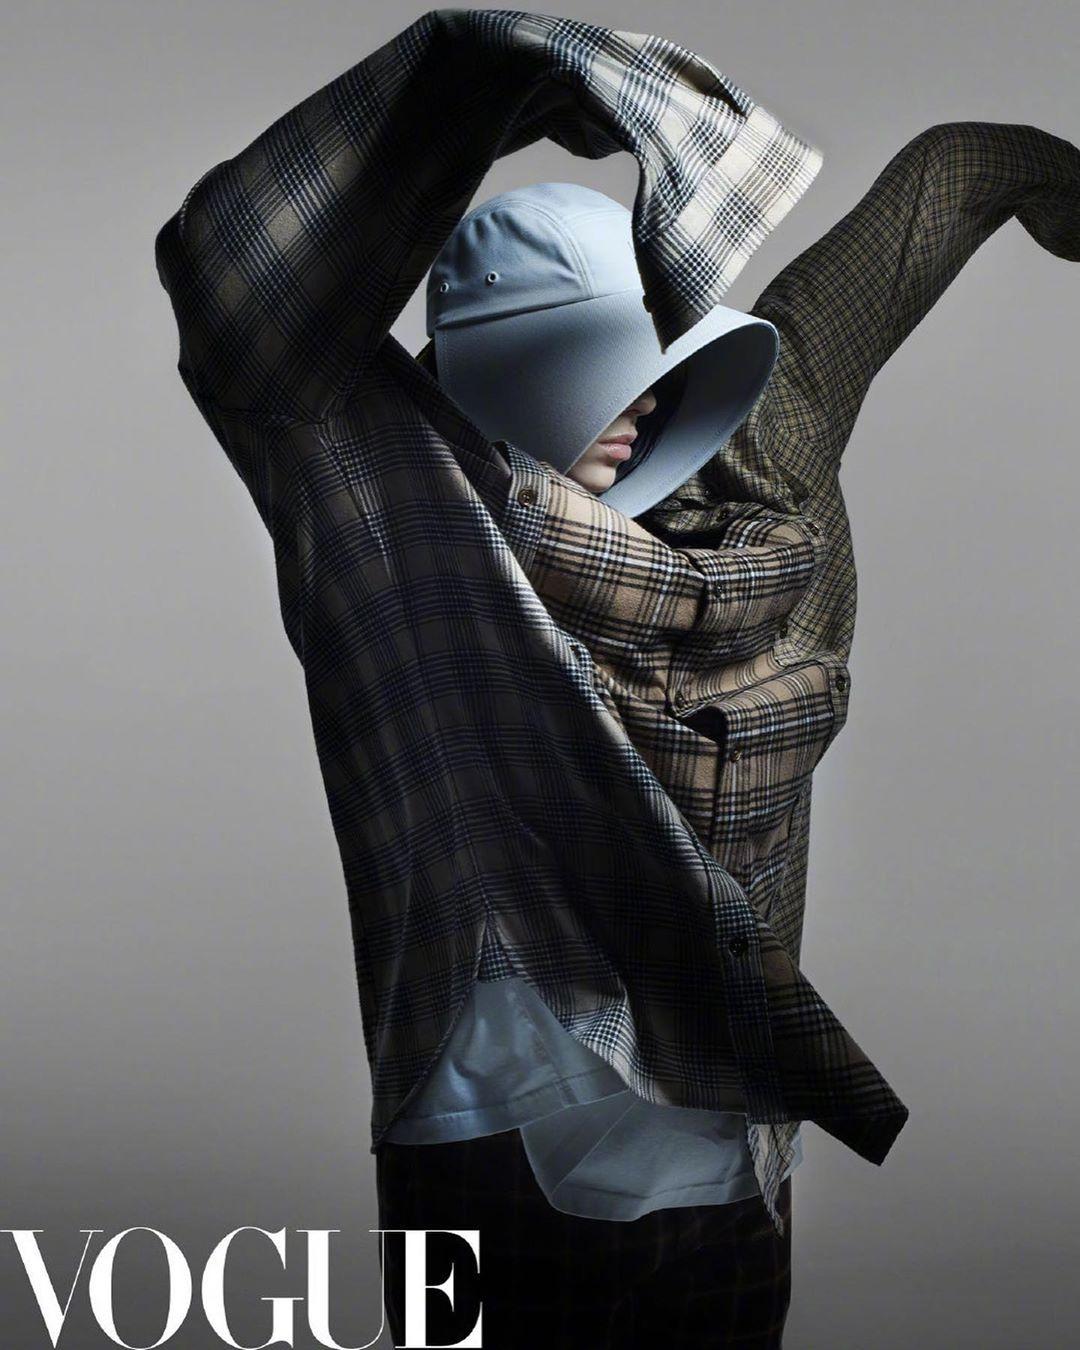 Билли Айлиш снялась для китайского Vogue (фото) - фото №3